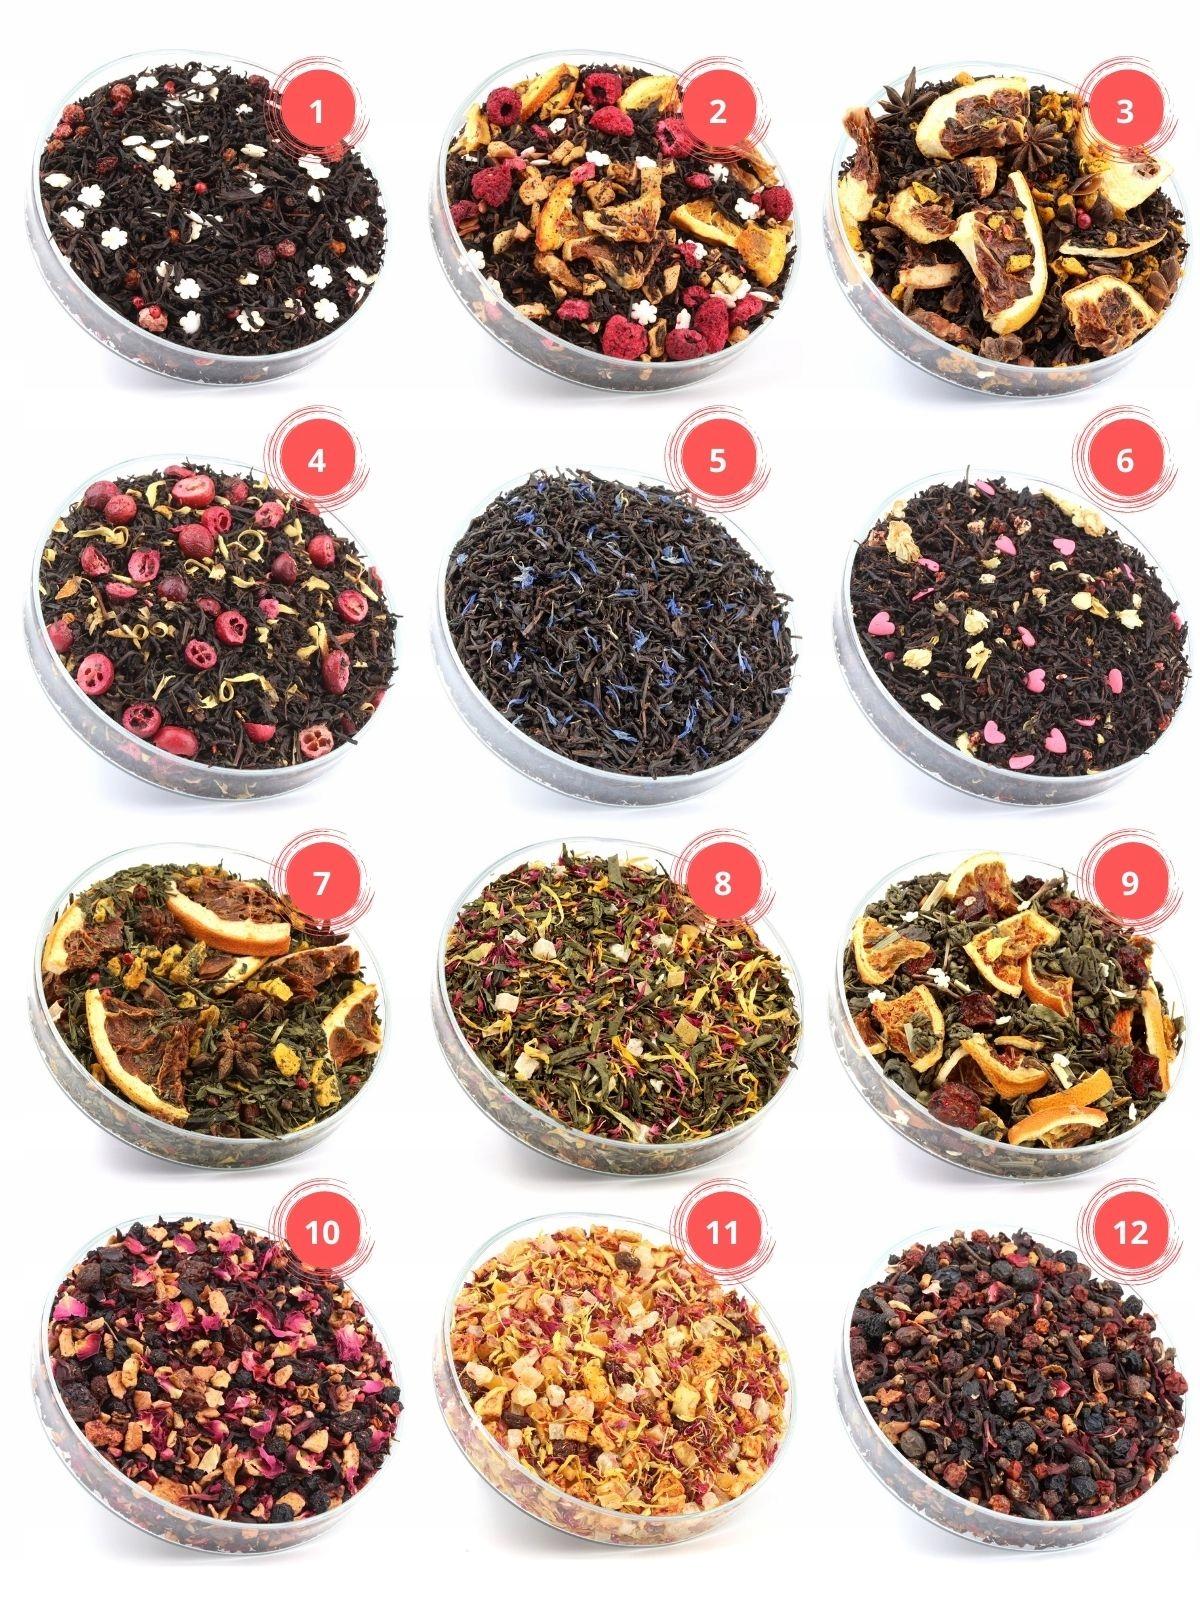 MEGA ZESTAW herbat na święta prezent w PUDEŁKACH Rodzaj gadżetu inny